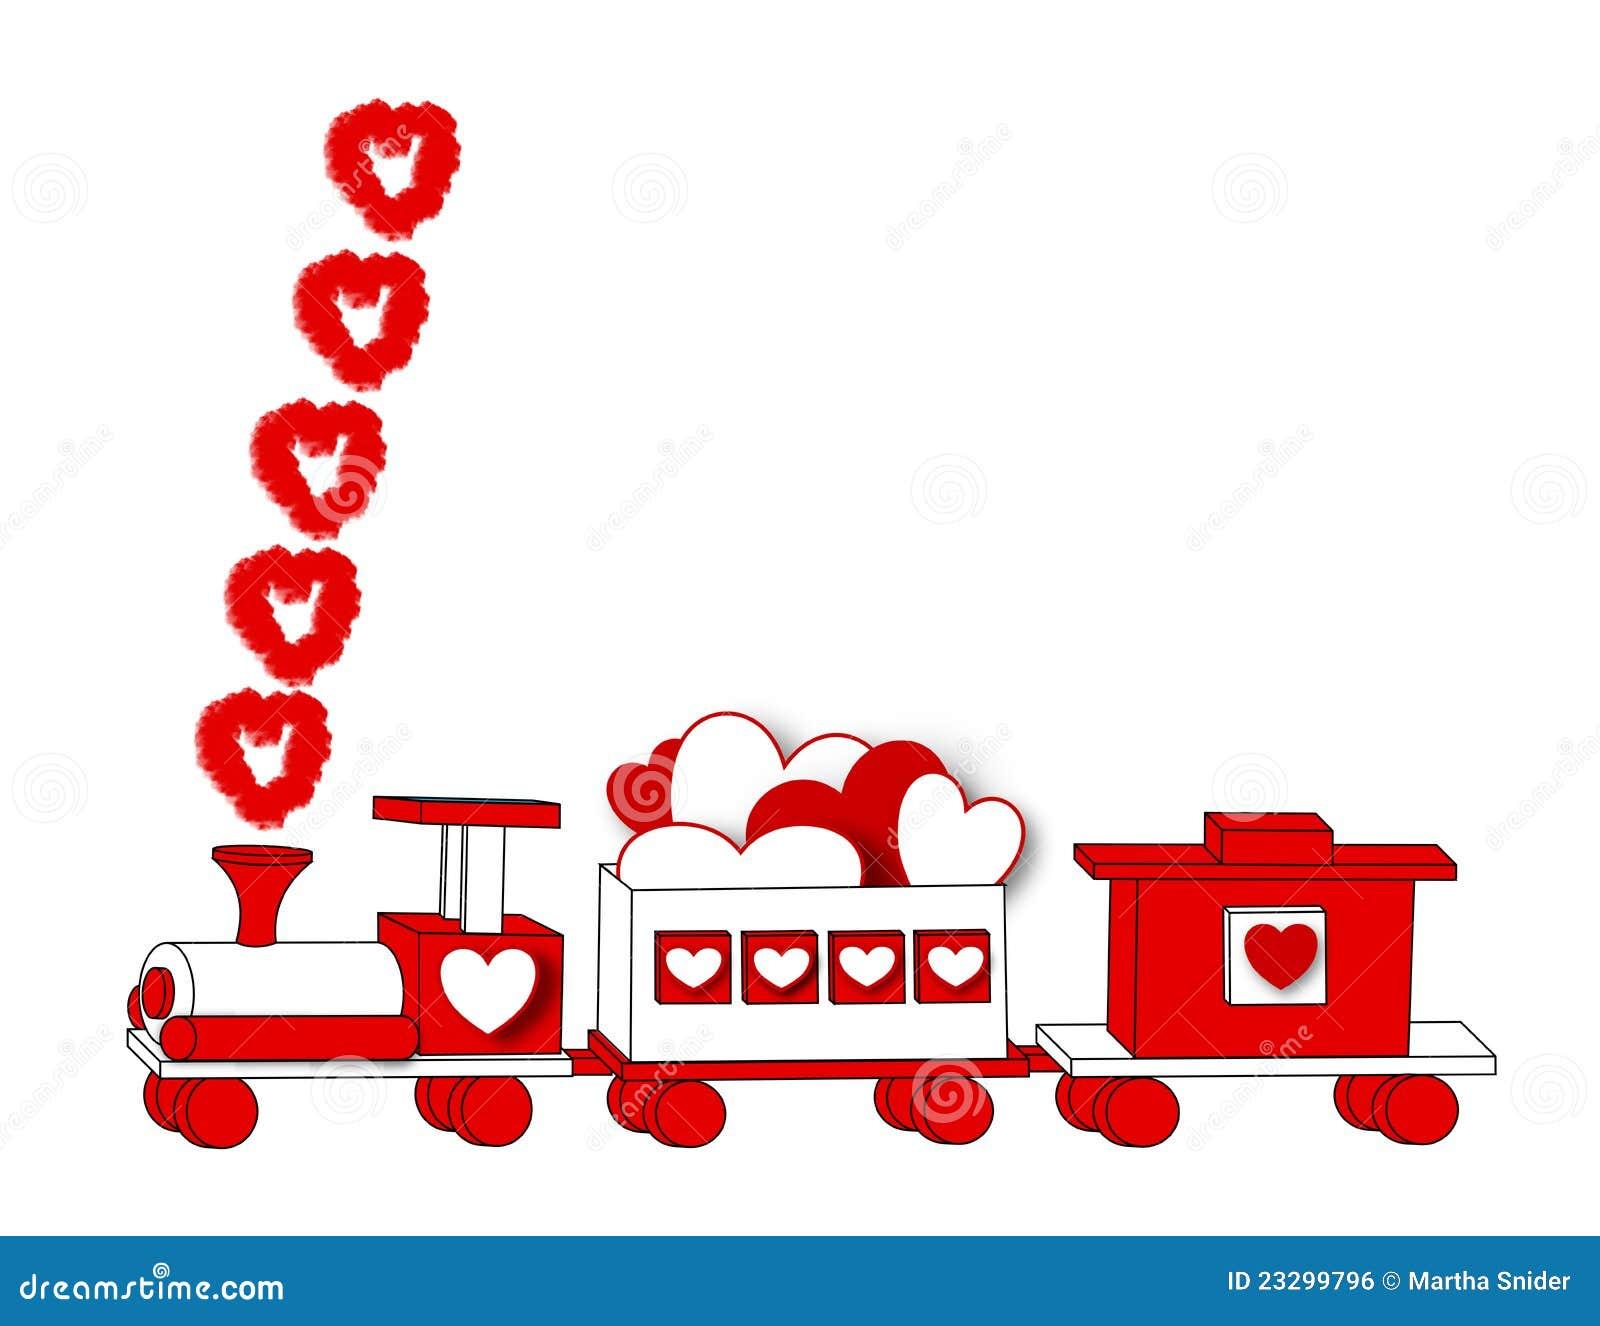 valentine-express-23299796